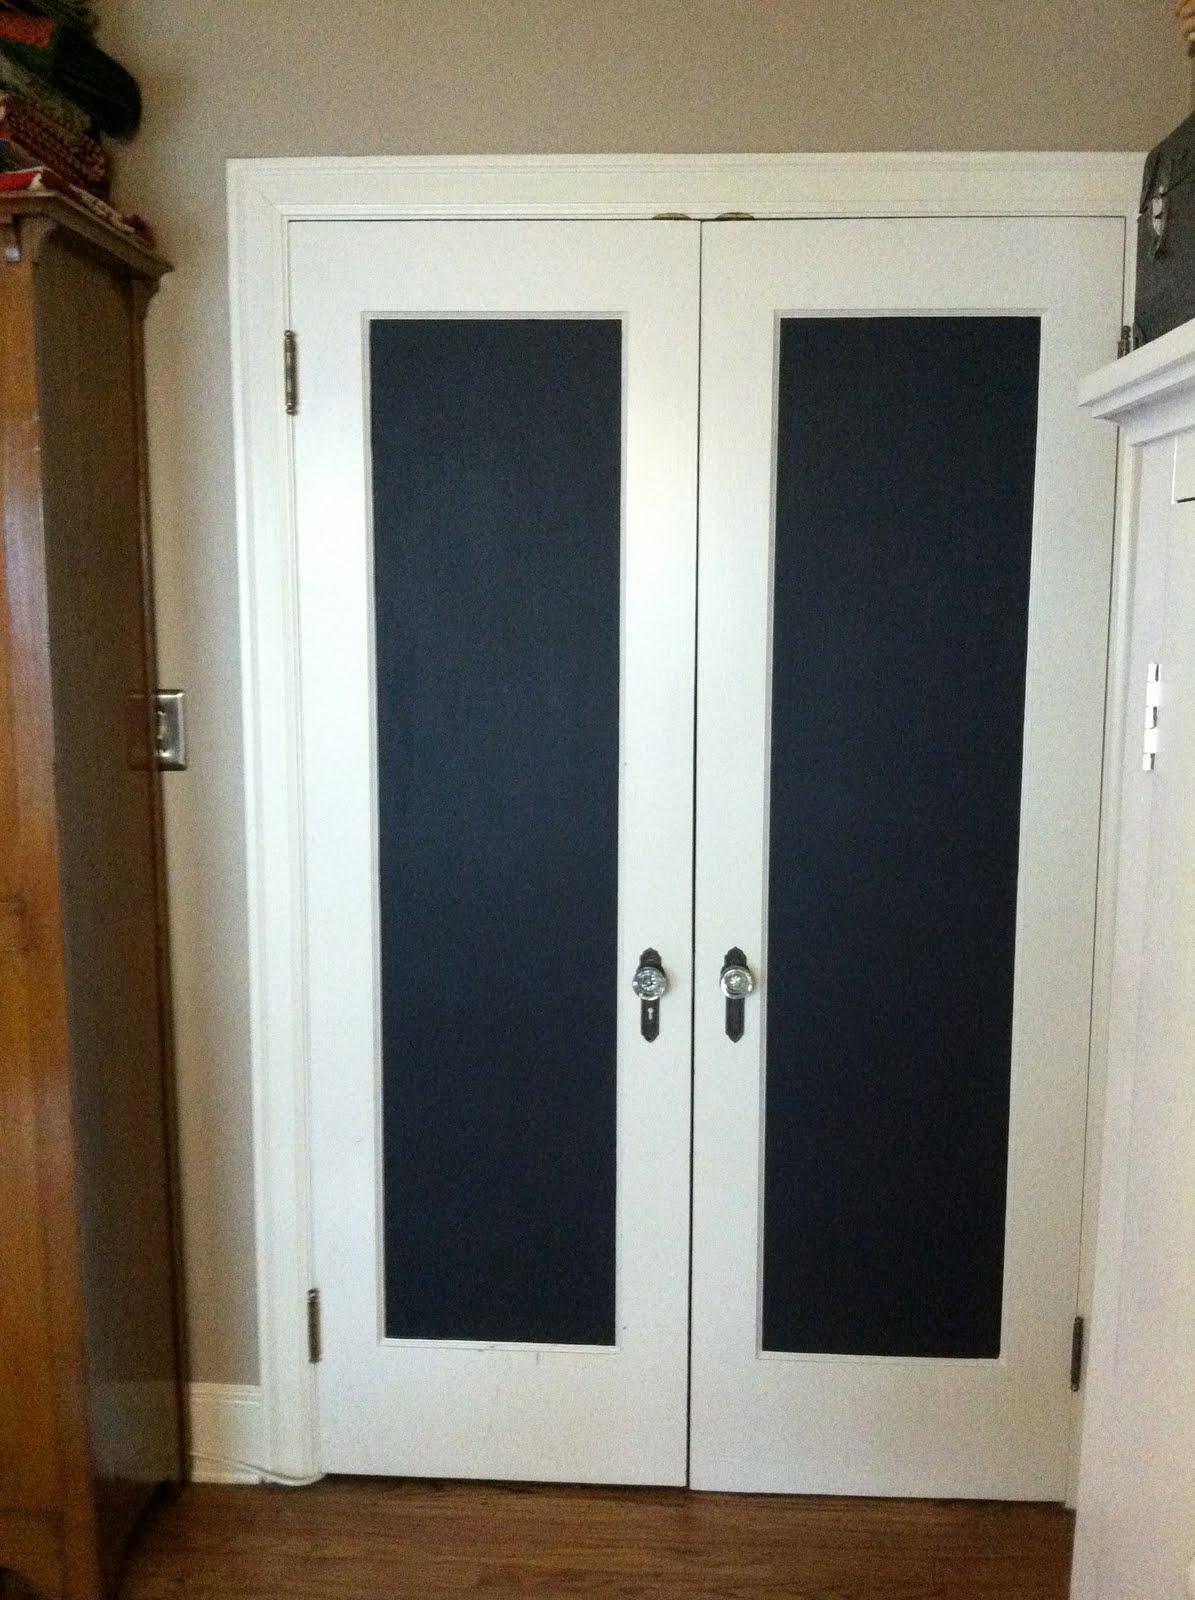 Kathy Schmitz: CHALKBOARD DOODLE DOORS